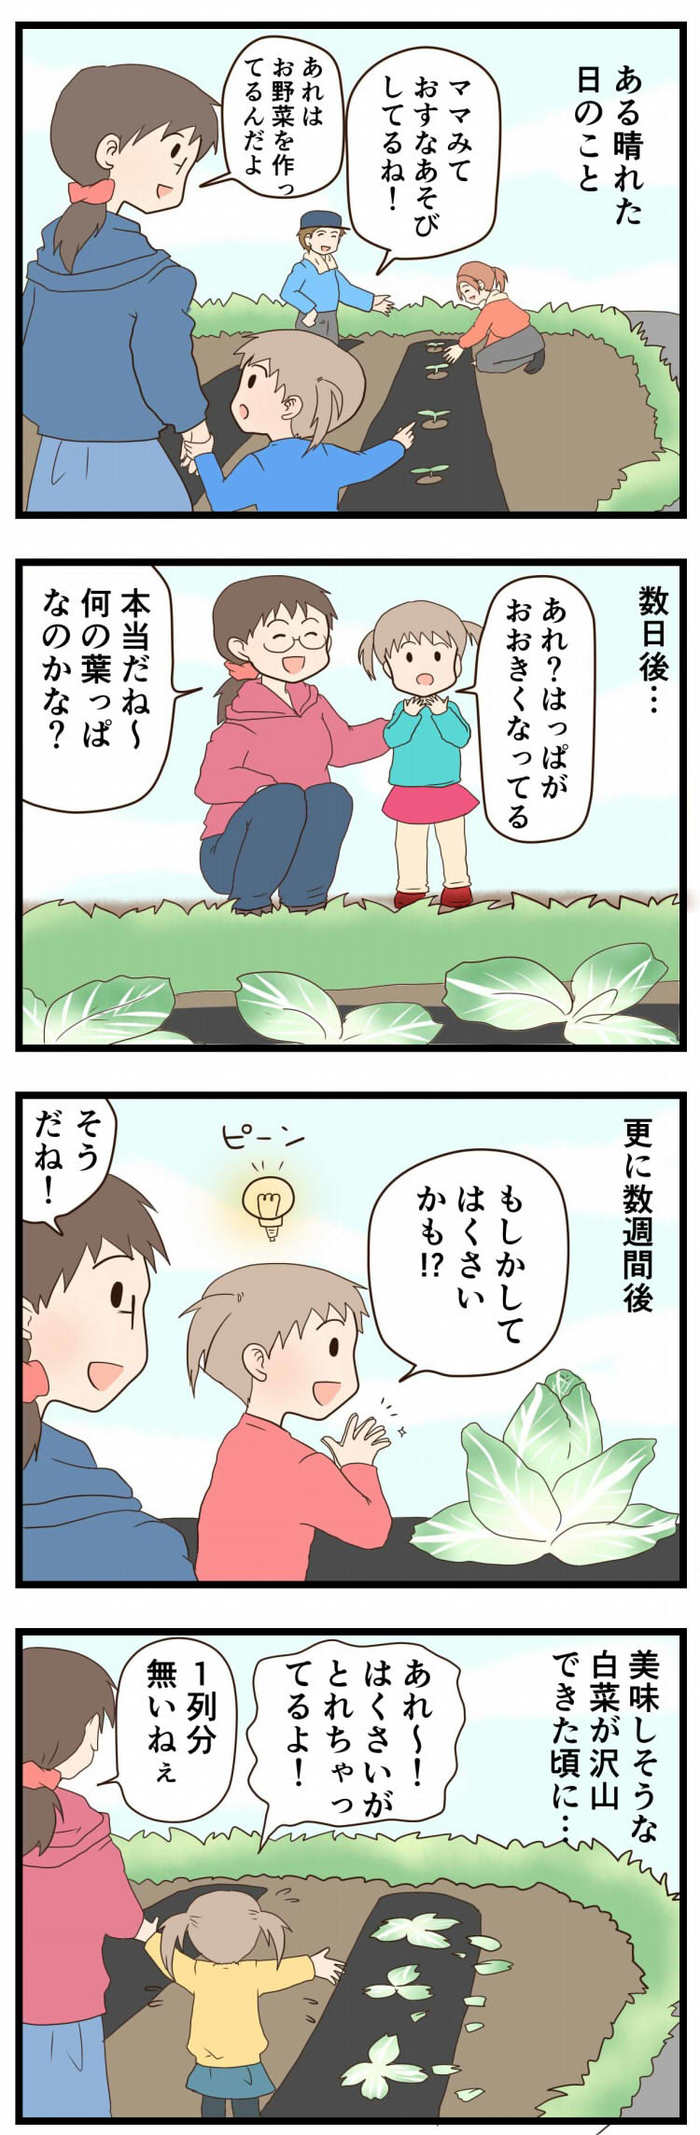 暮らしの中にある「学び」ってすごい!2歳娘が近所の畑を観察して学んだことの画像1